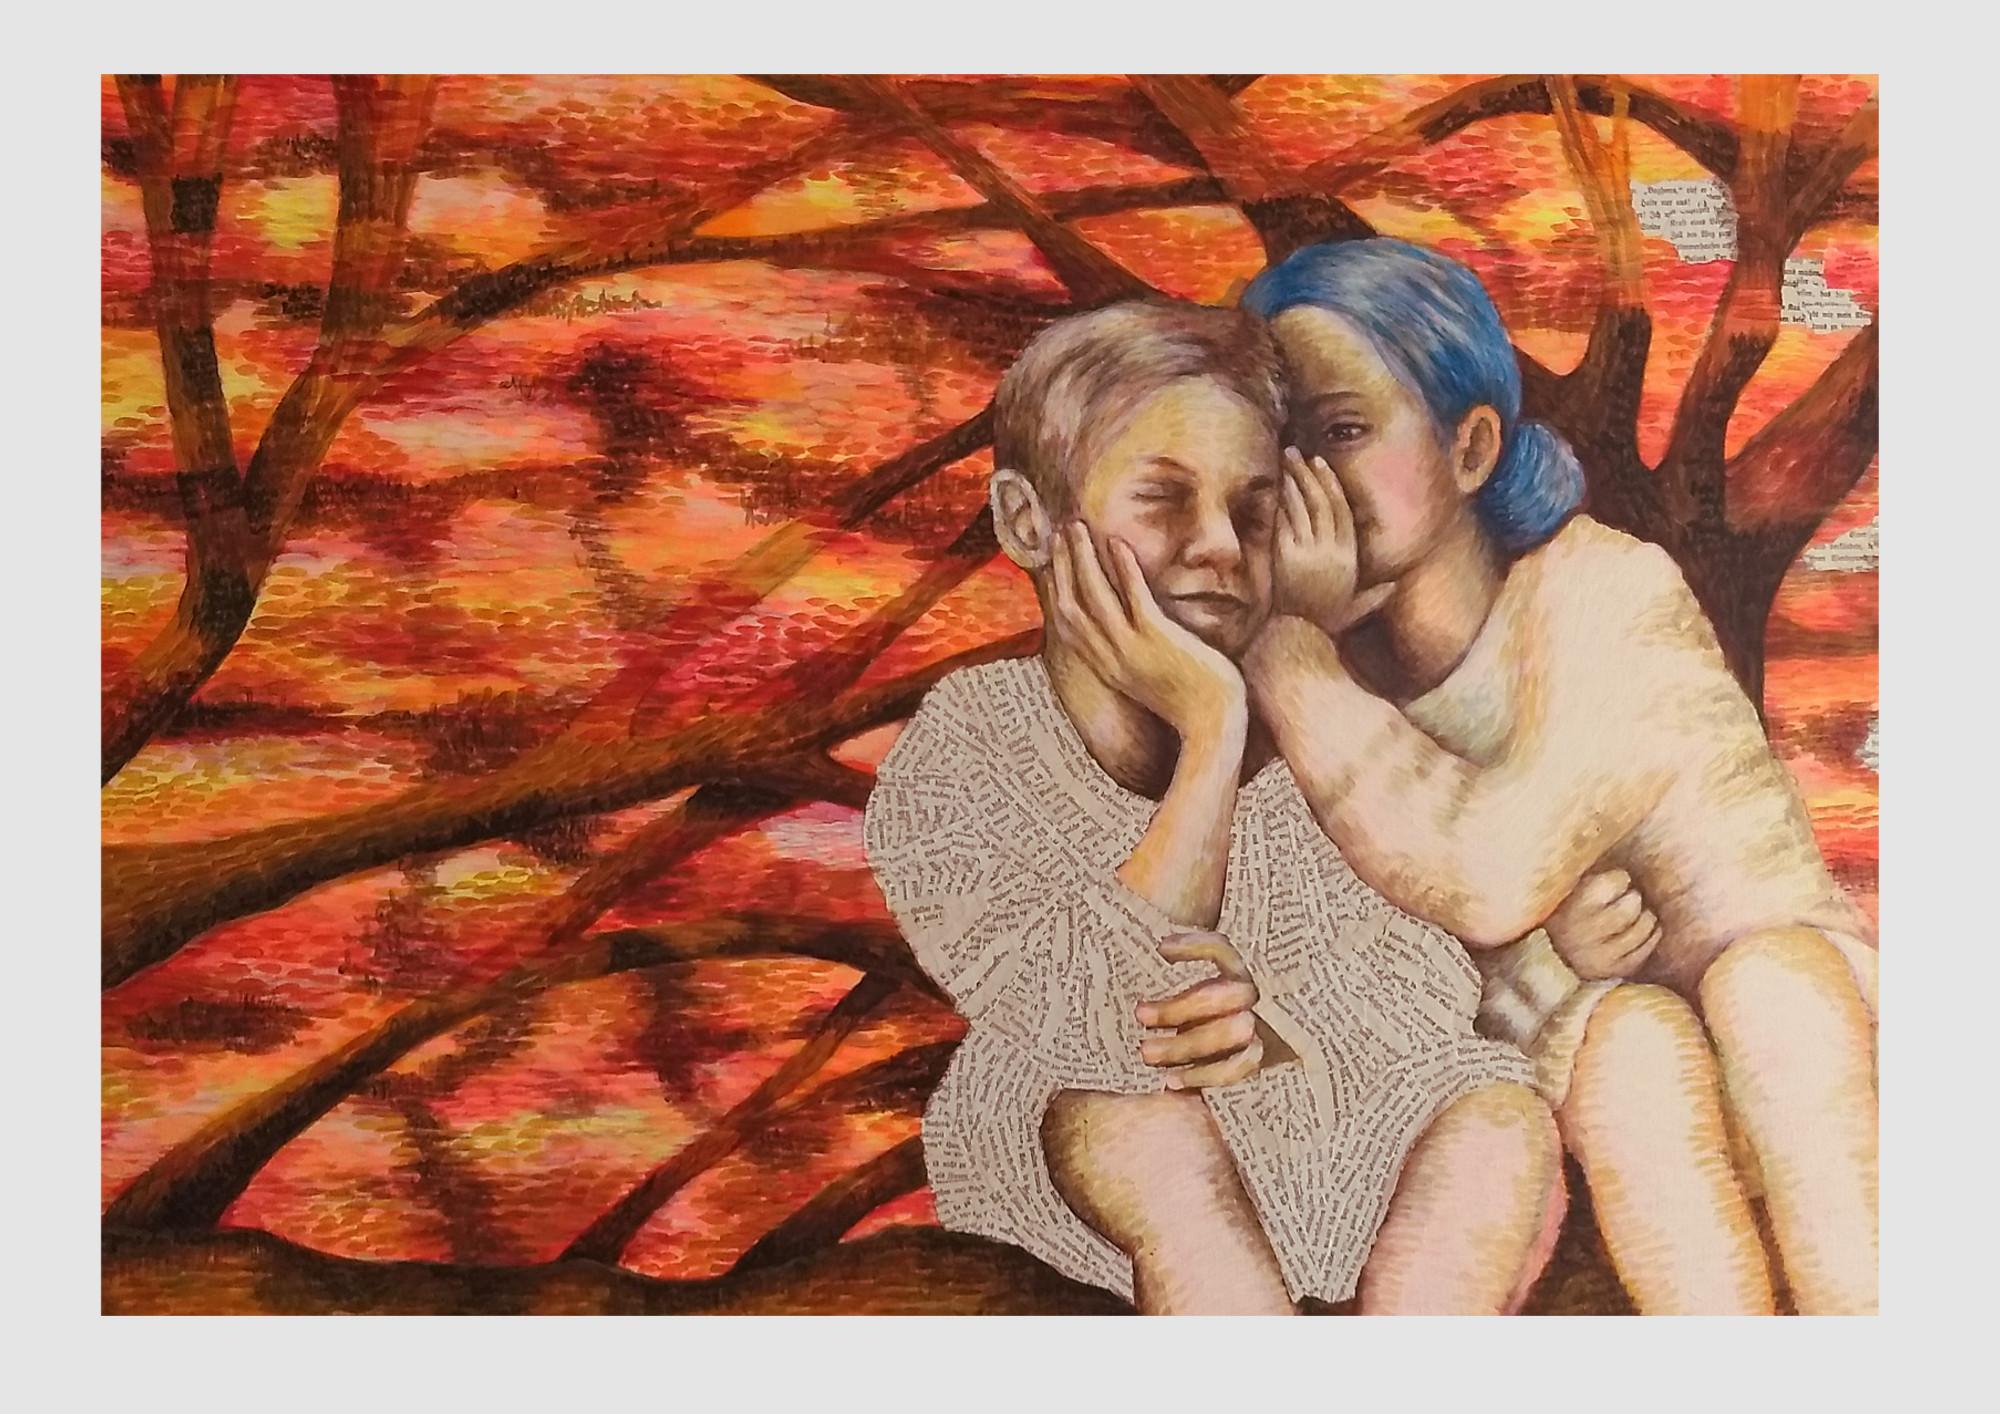 Acyrl-bild Herbstwald: Auf Leinwand gemalt, in orange, Rot und warmen Farbtönen. Zwei Kinder sitzen auf einem Baum und flüstern sich etwas ins Ohr. Das Mädchen hat blaue Haare, blau wie Tinte.